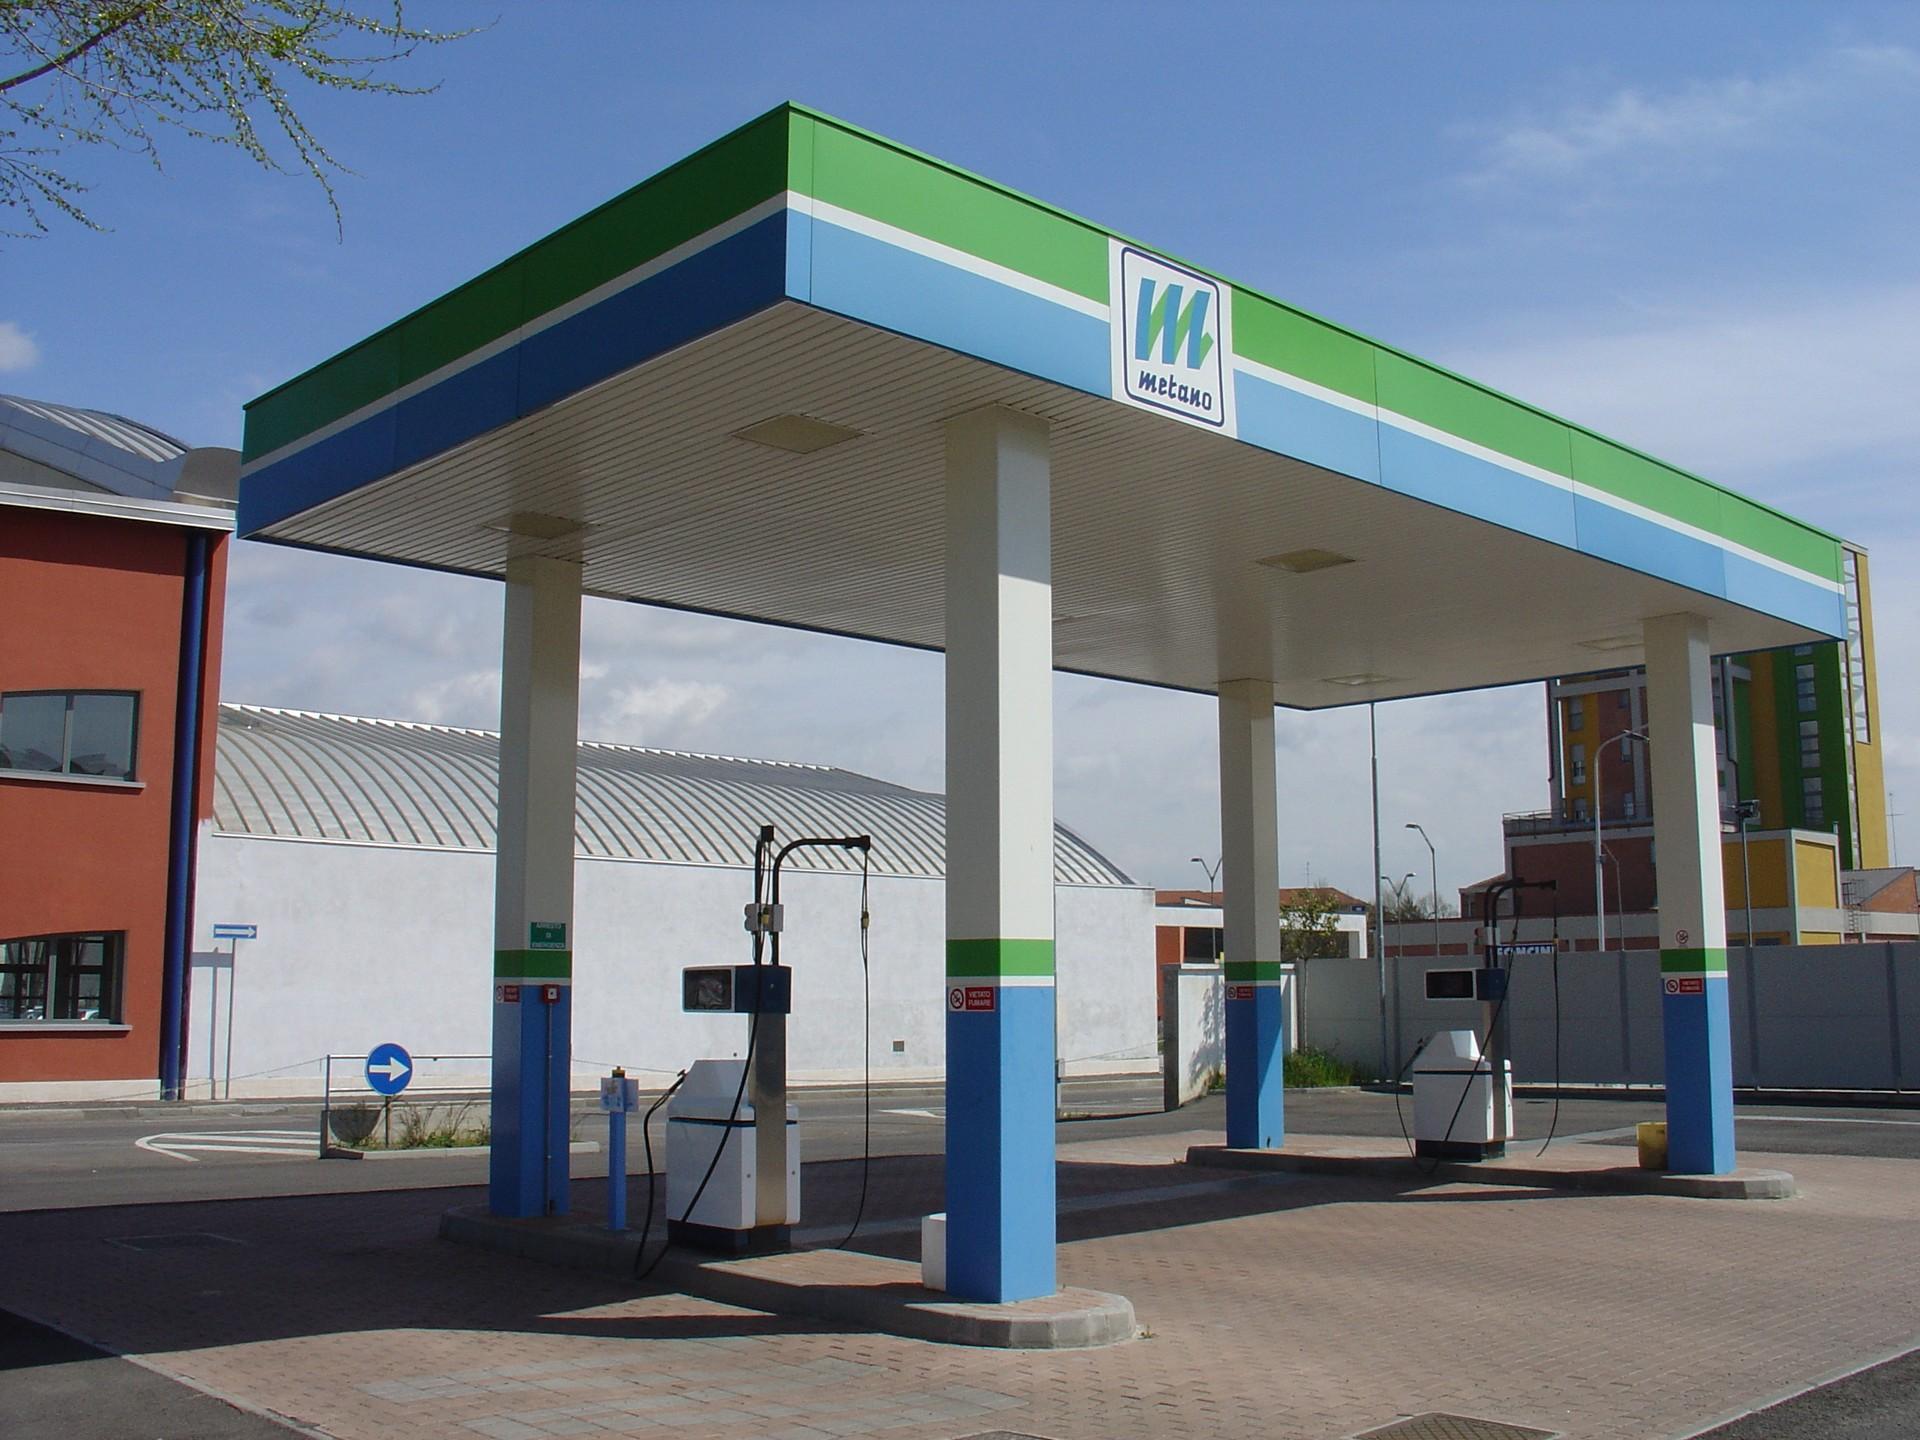 Auto per neopatentati metano